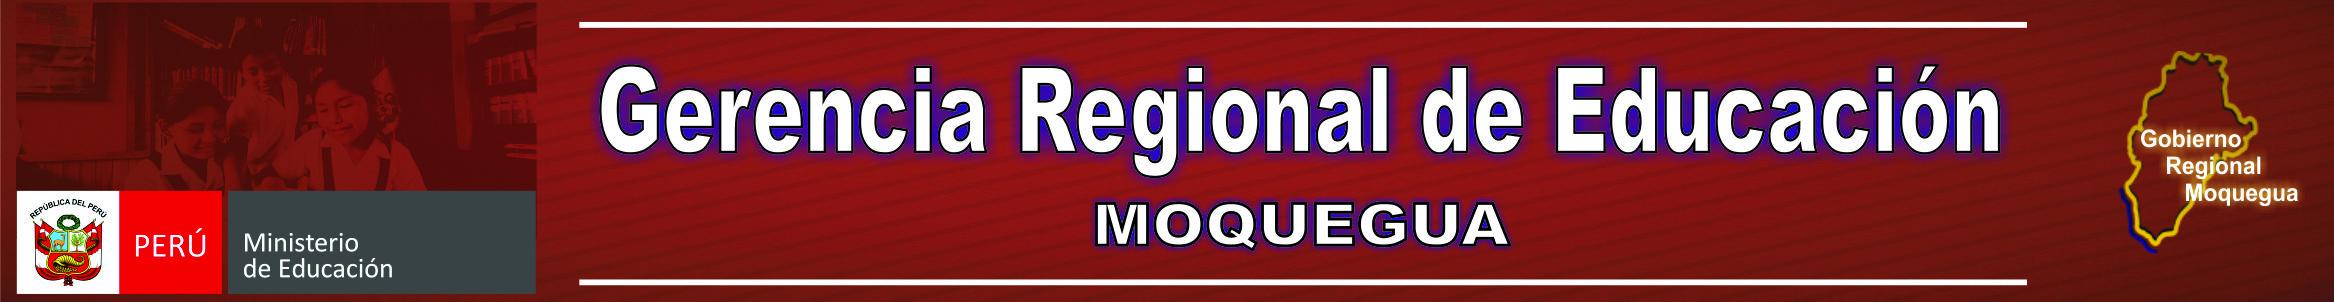 Gerencia Regional de Educación Moquegua